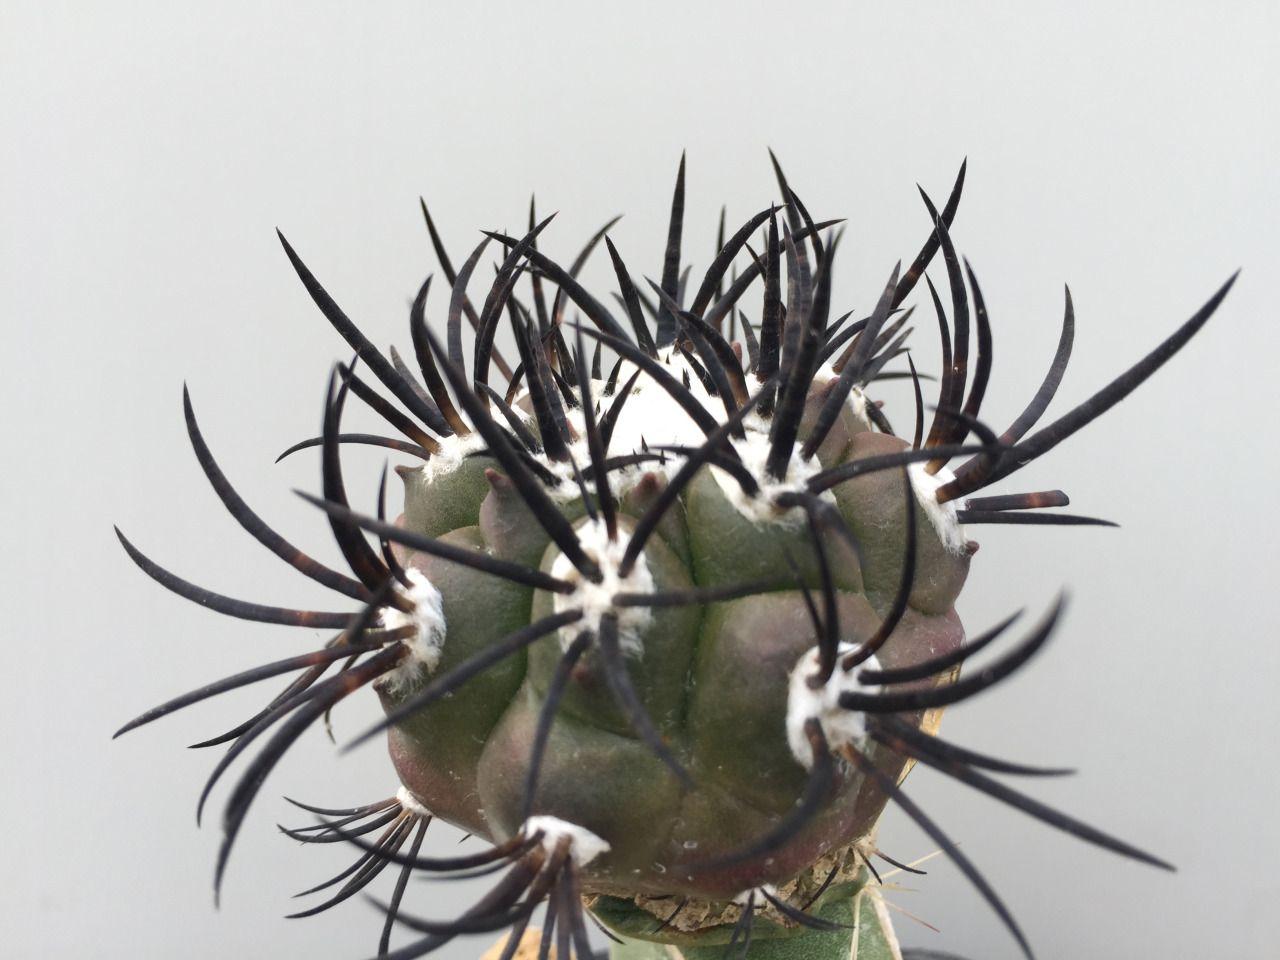 Copiapoa Griseoviolacea · Cactus FlowerShade GardenGarden ...